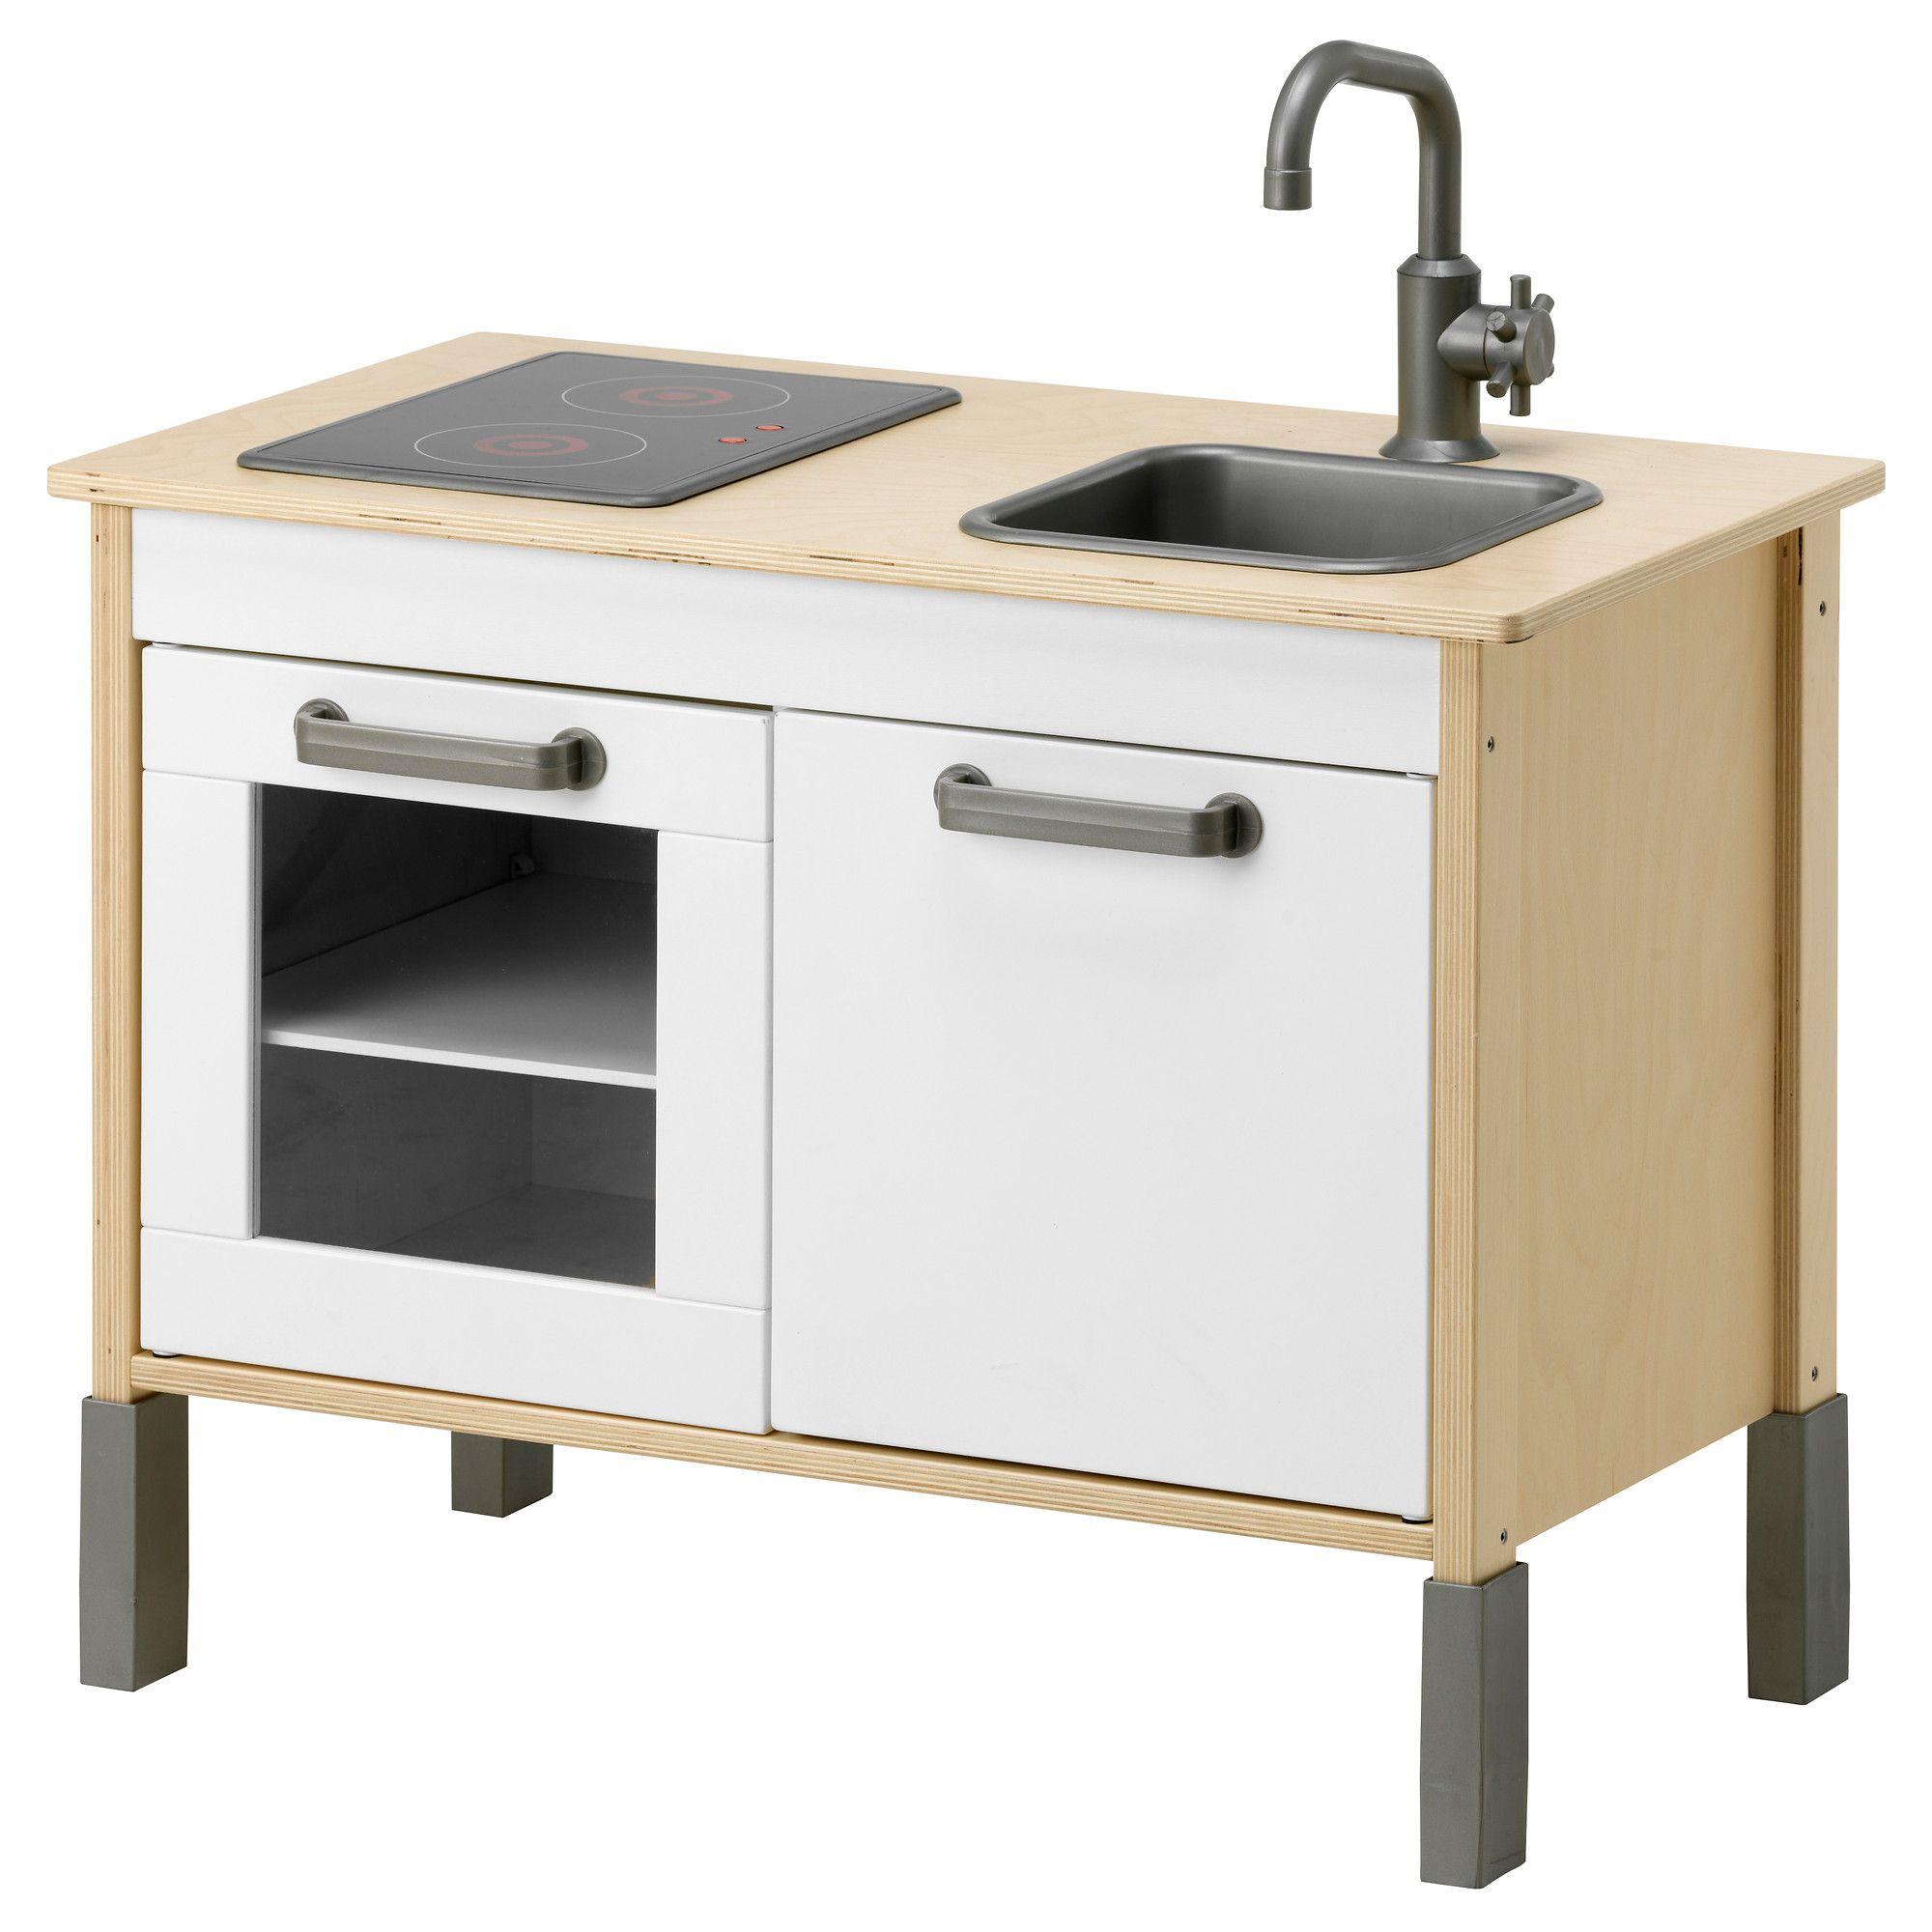 ikea duktig mini cuisine favorise les jeux de r le. Black Bedroom Furniture Sets. Home Design Ideas